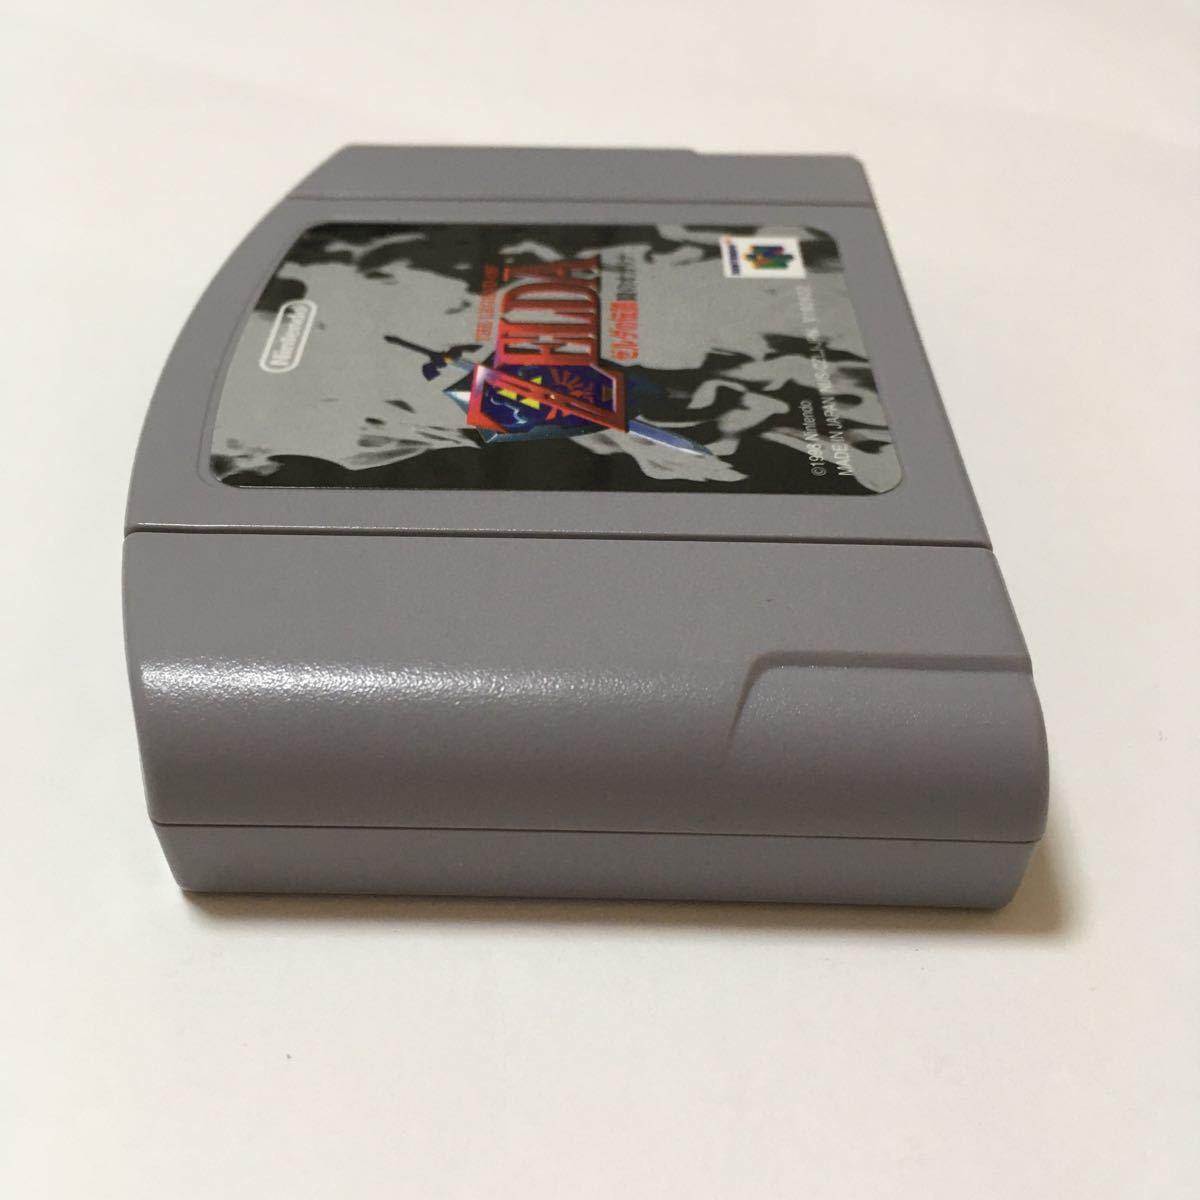 ニンテンドー64 ソフト ゼルダの伝説 時のオカリナ 任天堂 NINTENDO64 動作確認済み リンク スマブラ